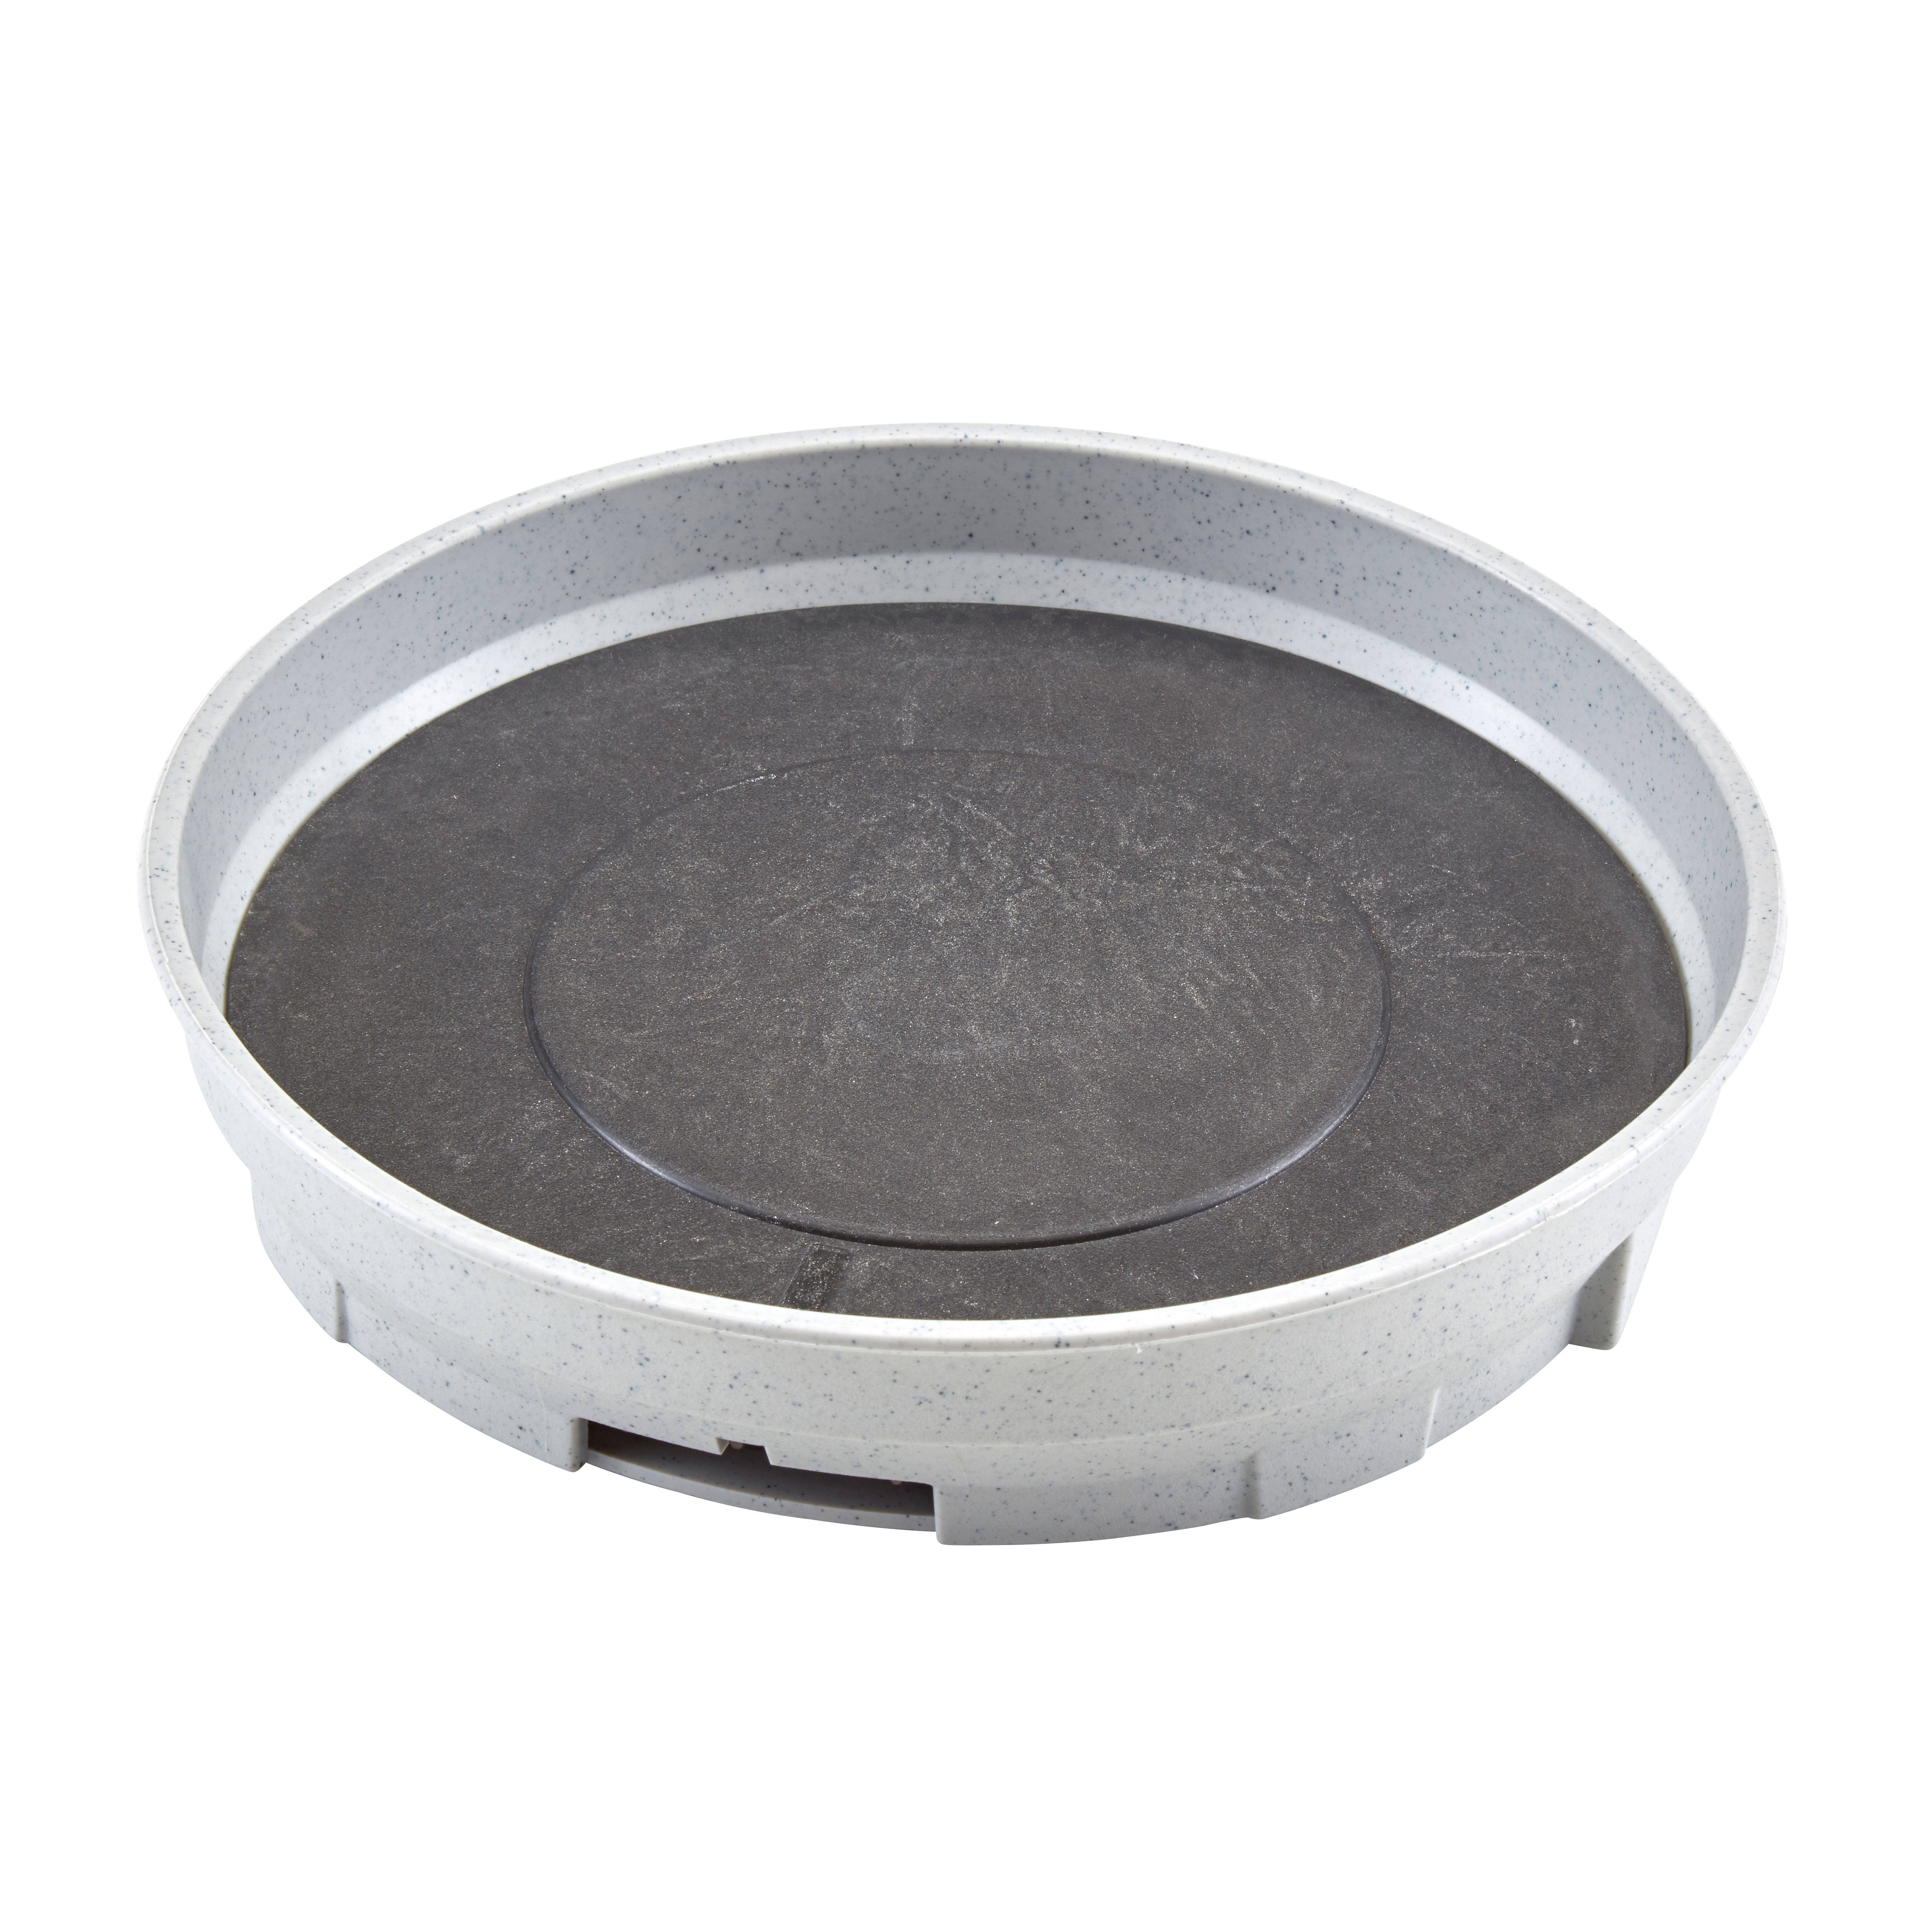 Cambro MDSCDB9480 warming appliances